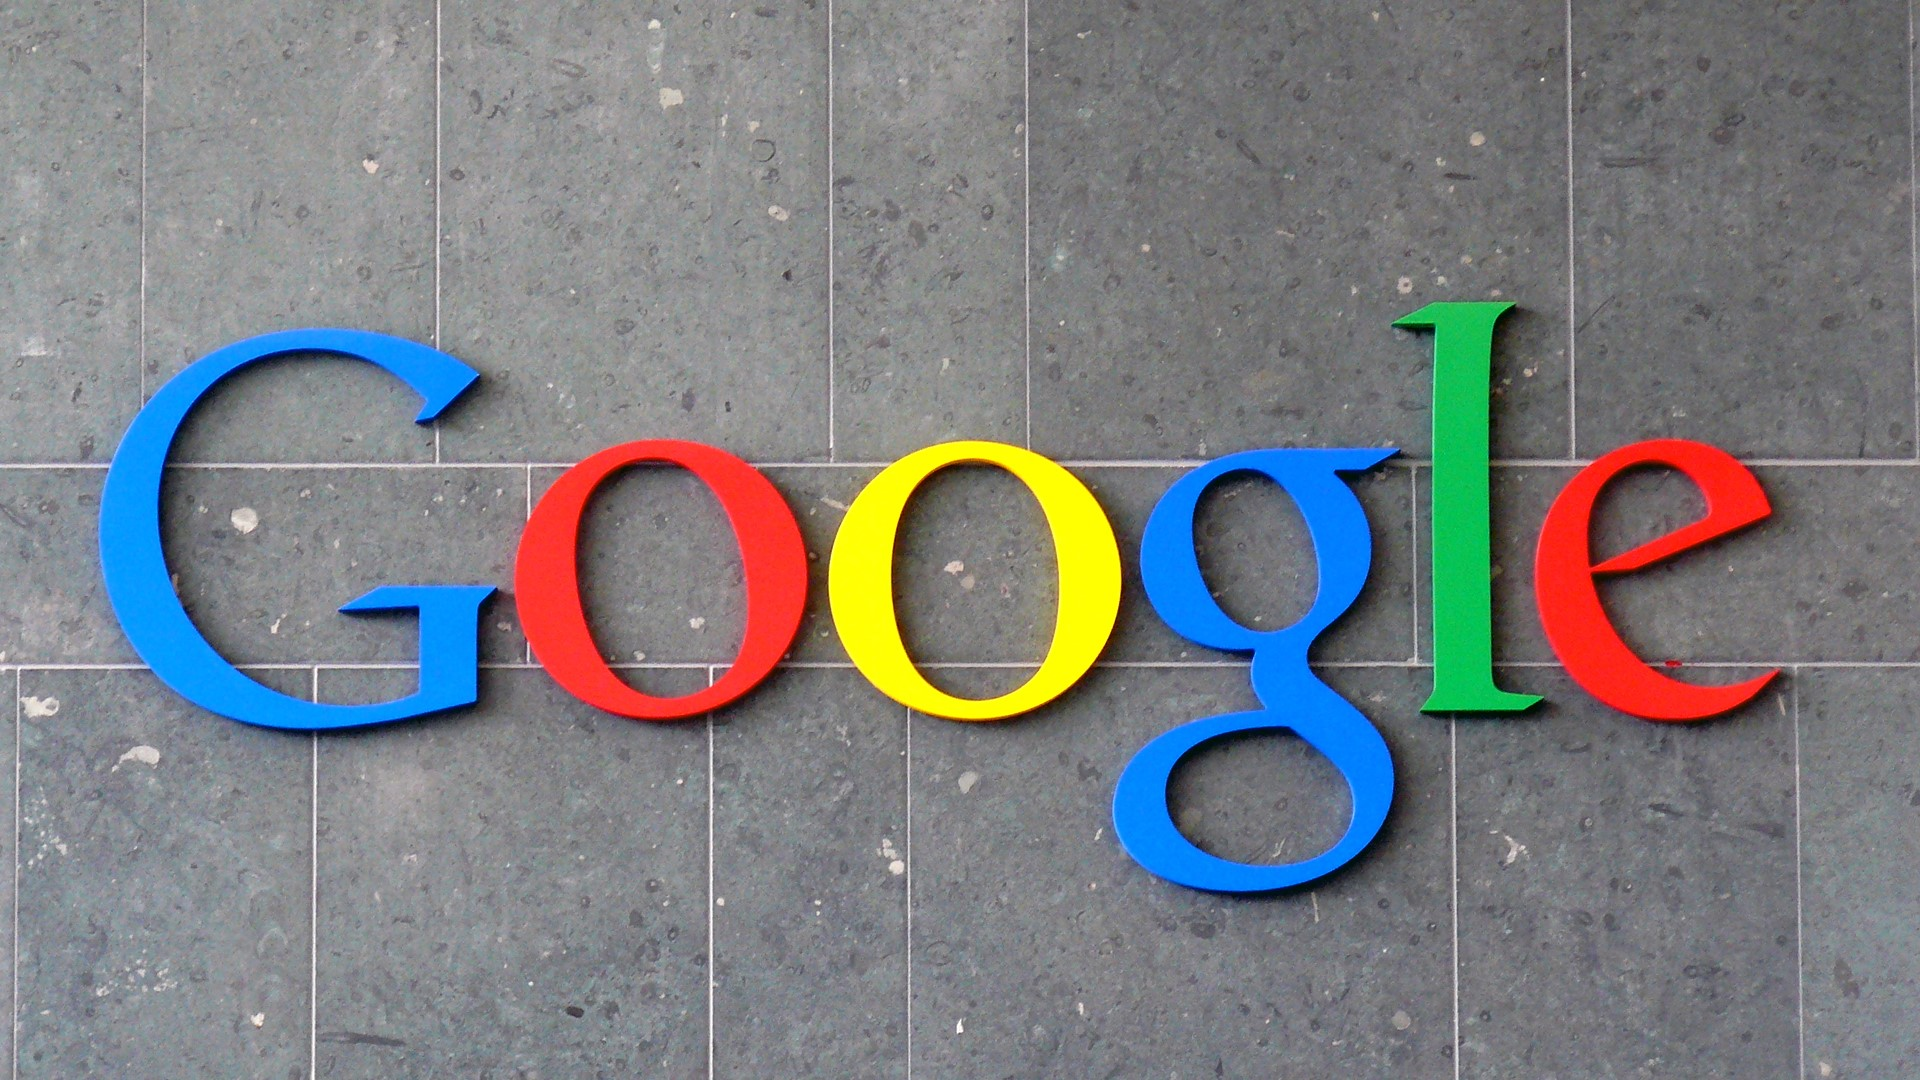 008 - لجنة التجارة الفيدرالية تحقق مع جوجل لخرق يوتيوب لقوانين خصوصية الأطفال!